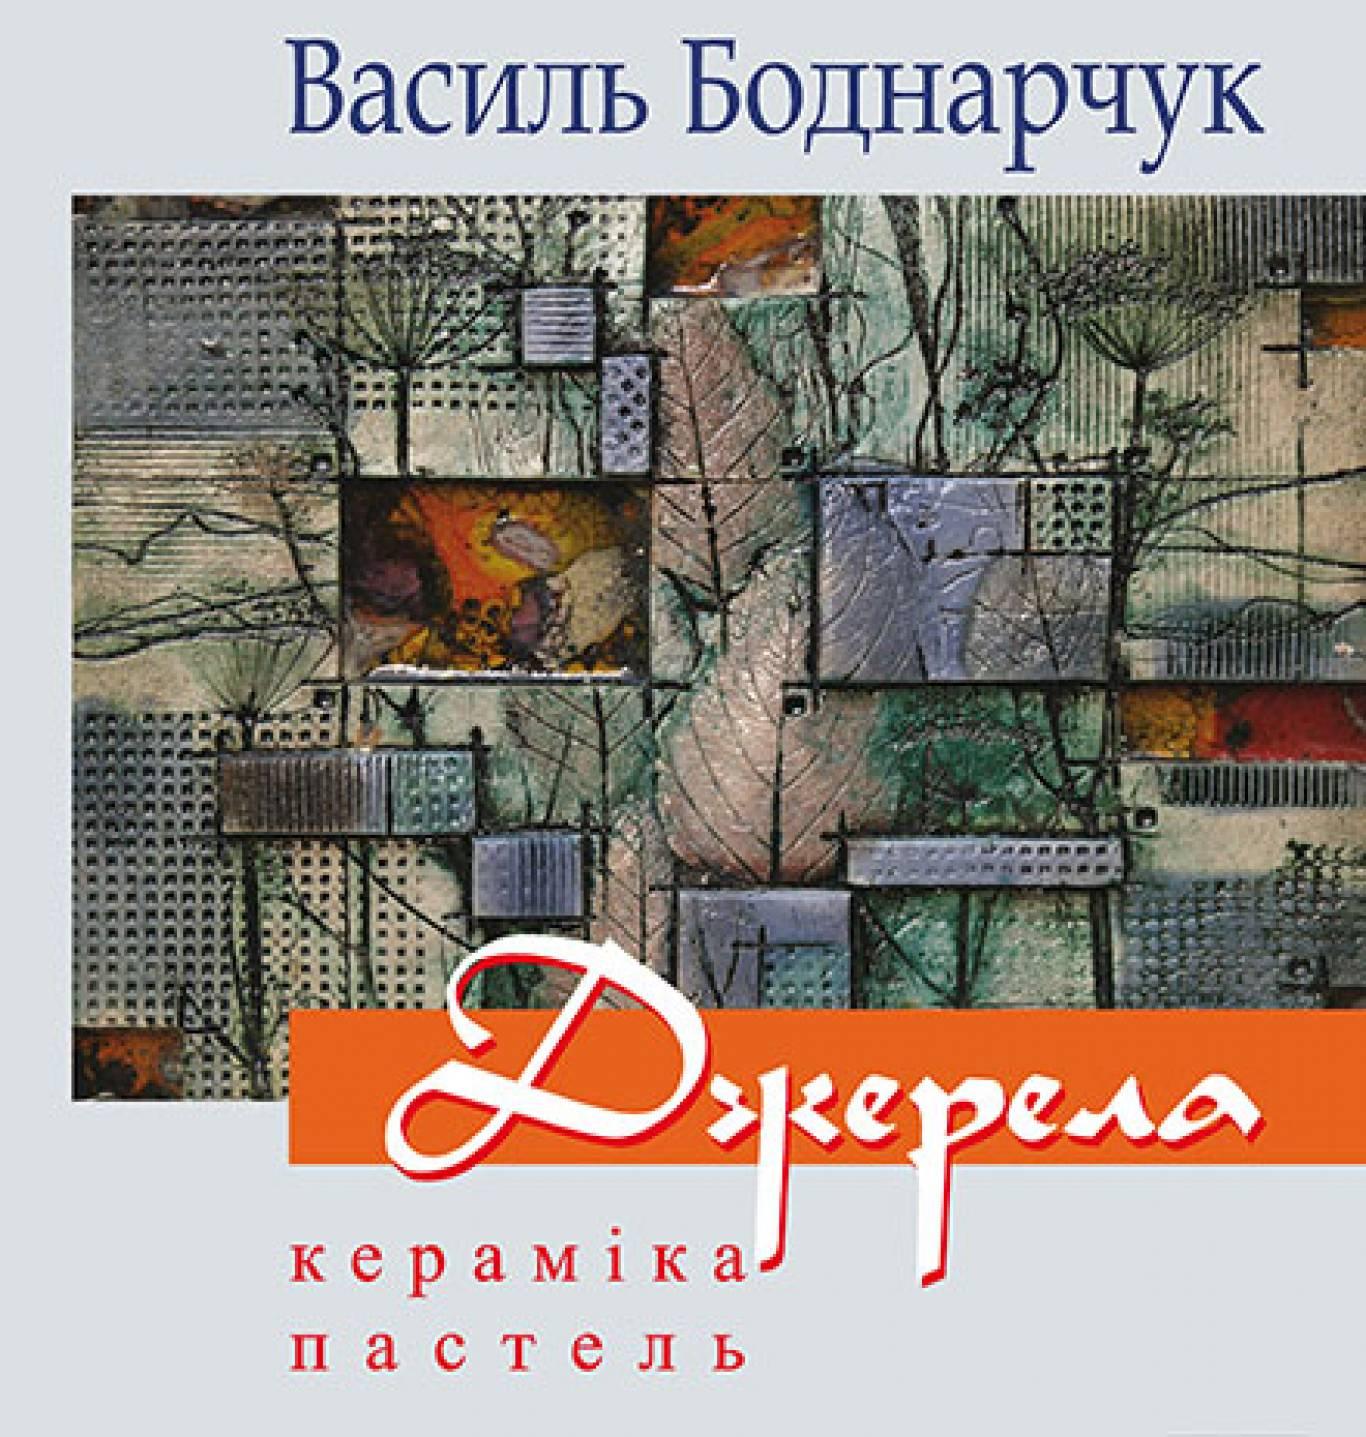 Виставка Василя Боднарчука